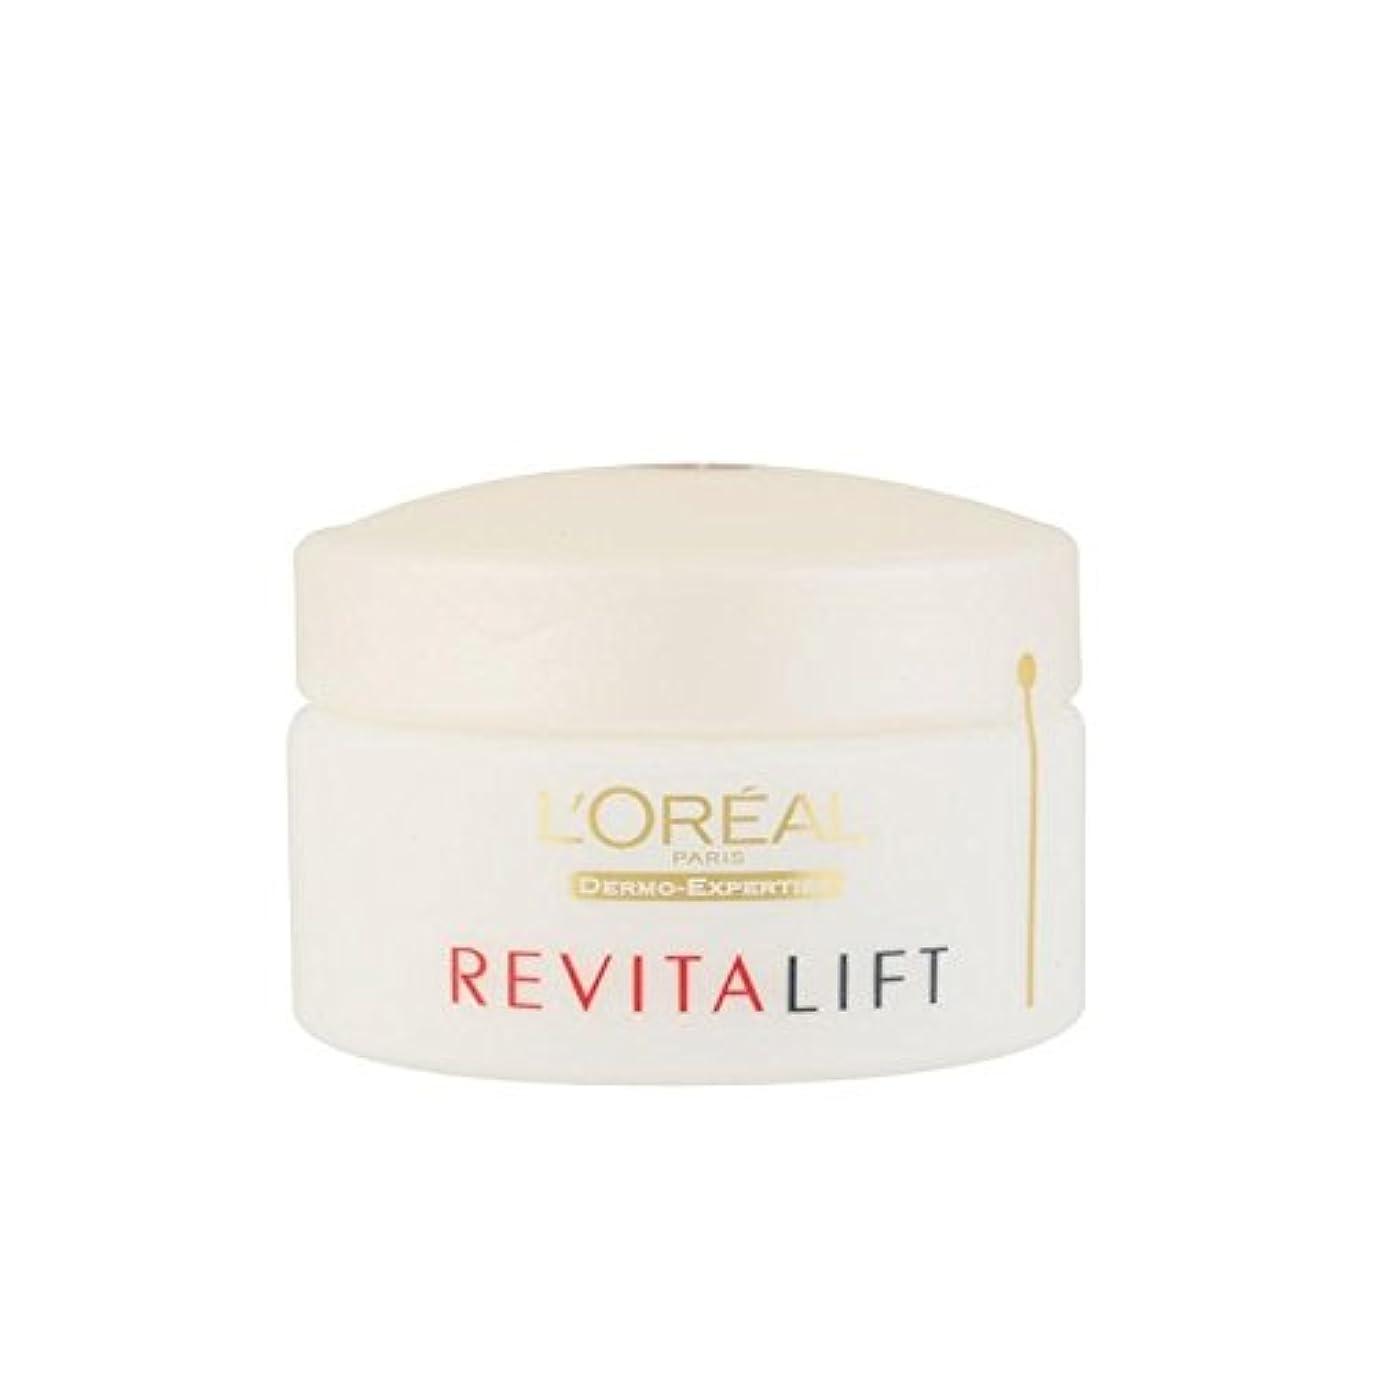 受ける島石ロレアルパリ、真皮の専門知識の抗シワ+ファーミングデイクリーム(50ミリリットル) x4 - L'Oreal Paris Dermo Expertise Revitalift Anti-Wrinkle + Firming Day Cream (50ml) (Pack of 4) [並行輸入品]